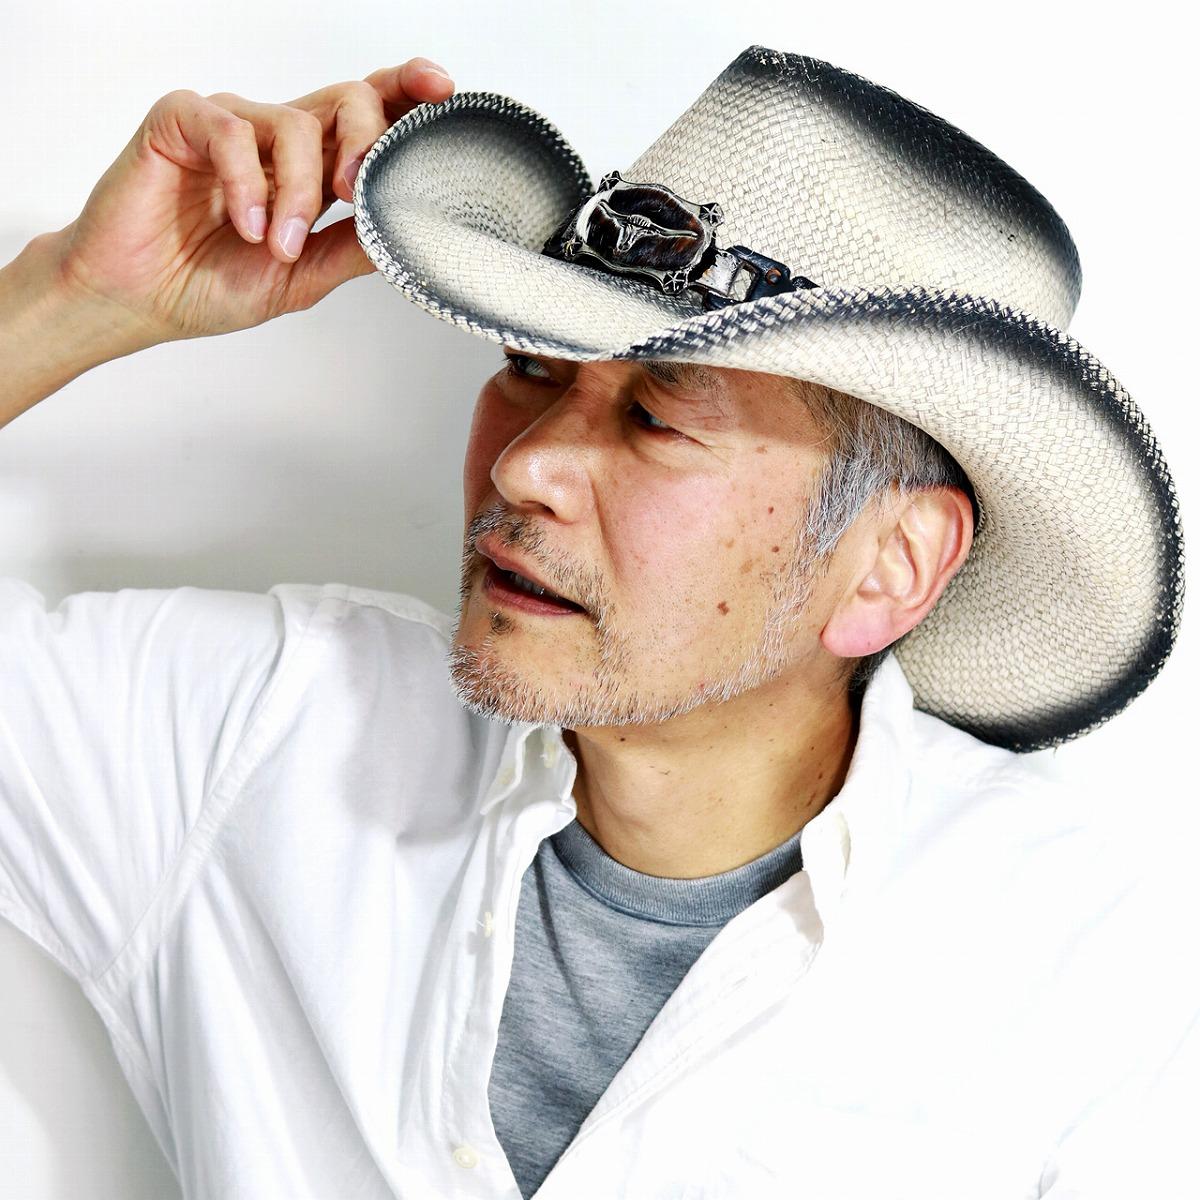 カリフォルニアハット LONG HONE WHITE STAIN パナマ帽子 パナマハット メンズ 春 夏 ハラコ バックル 水牛 テンガロン California Hat Company Inc. カウボーイ ハット アンティーク ウエスタン 白 ホワイト [ cowboy hat ] [ panama hat ]